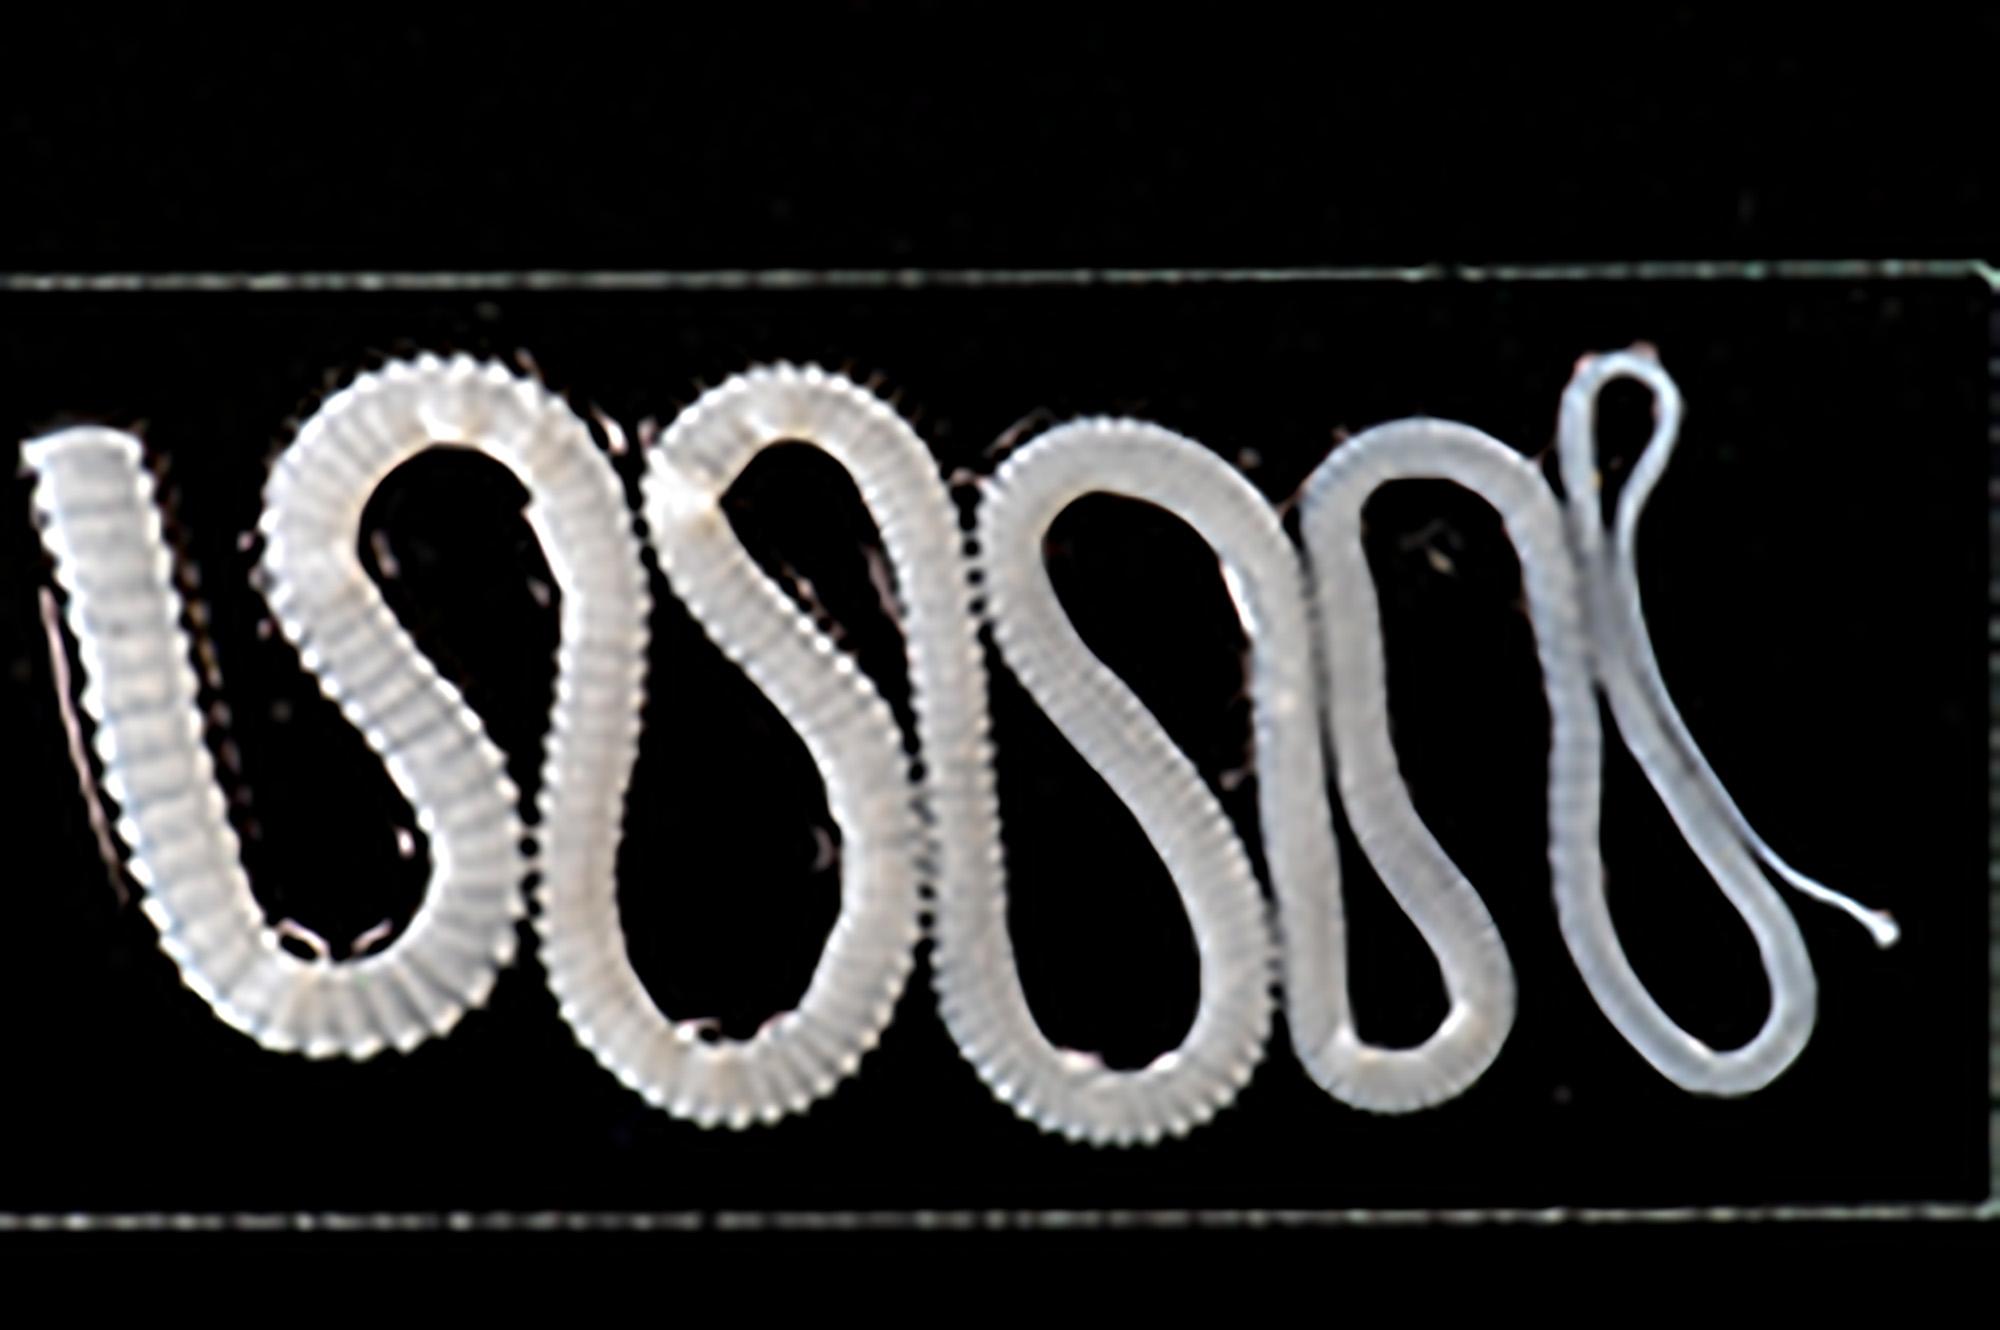 Tênia (parasita)